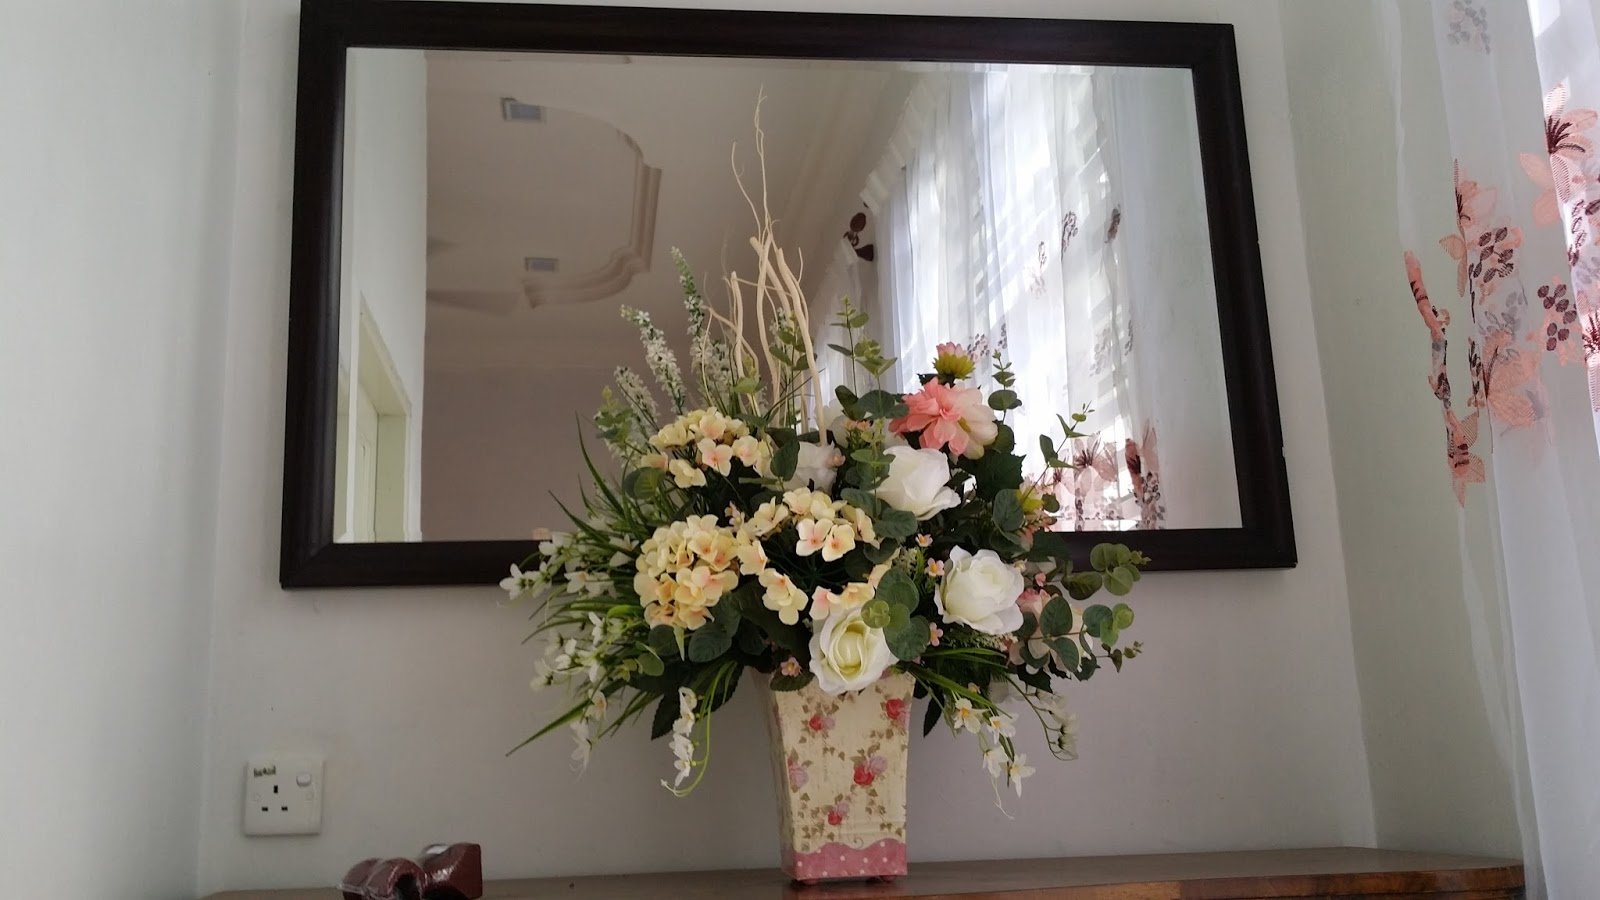 Pasu Bunga Hiasan Dalam Rumah Desainrumahid Ni Baru Berpindah Tempat Tinggal Ingat Masuk Kedai Nak Beli Bubuh Jer